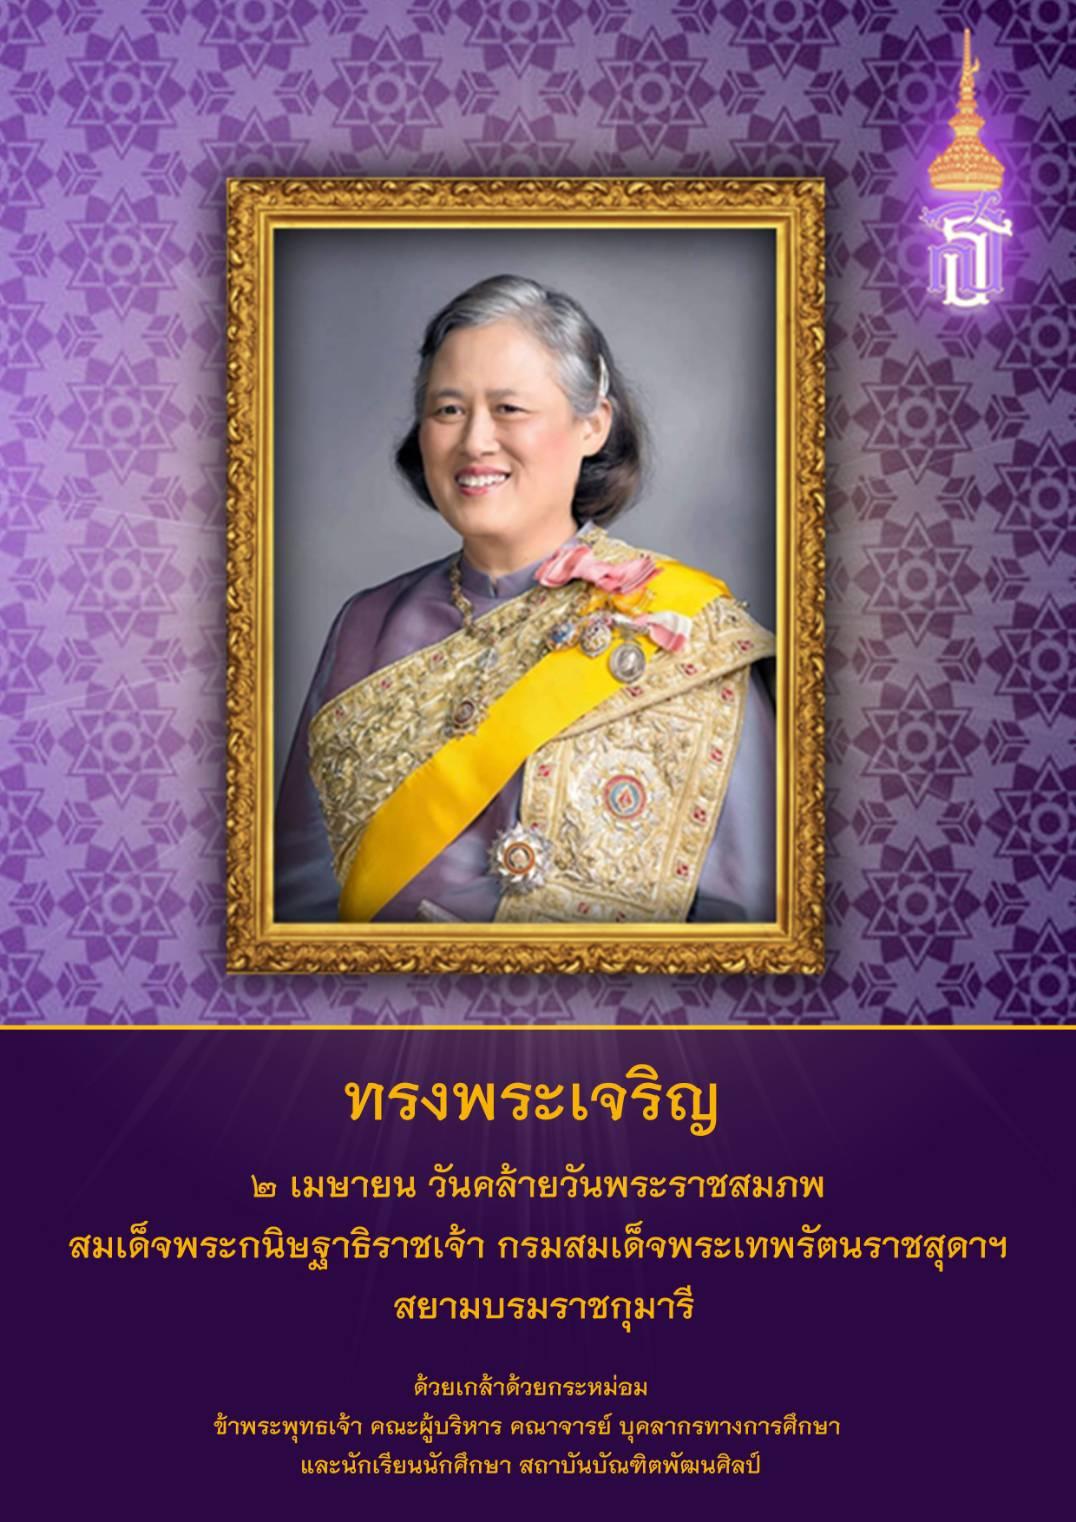 วันคล้ายวันพระราชสมภพ สมเด็จพระกนิษฐาธิราชเจ้า กรมสมเด็จพระเทพรัตนราชสุดา ฯ สยามบรมราชกุมารี